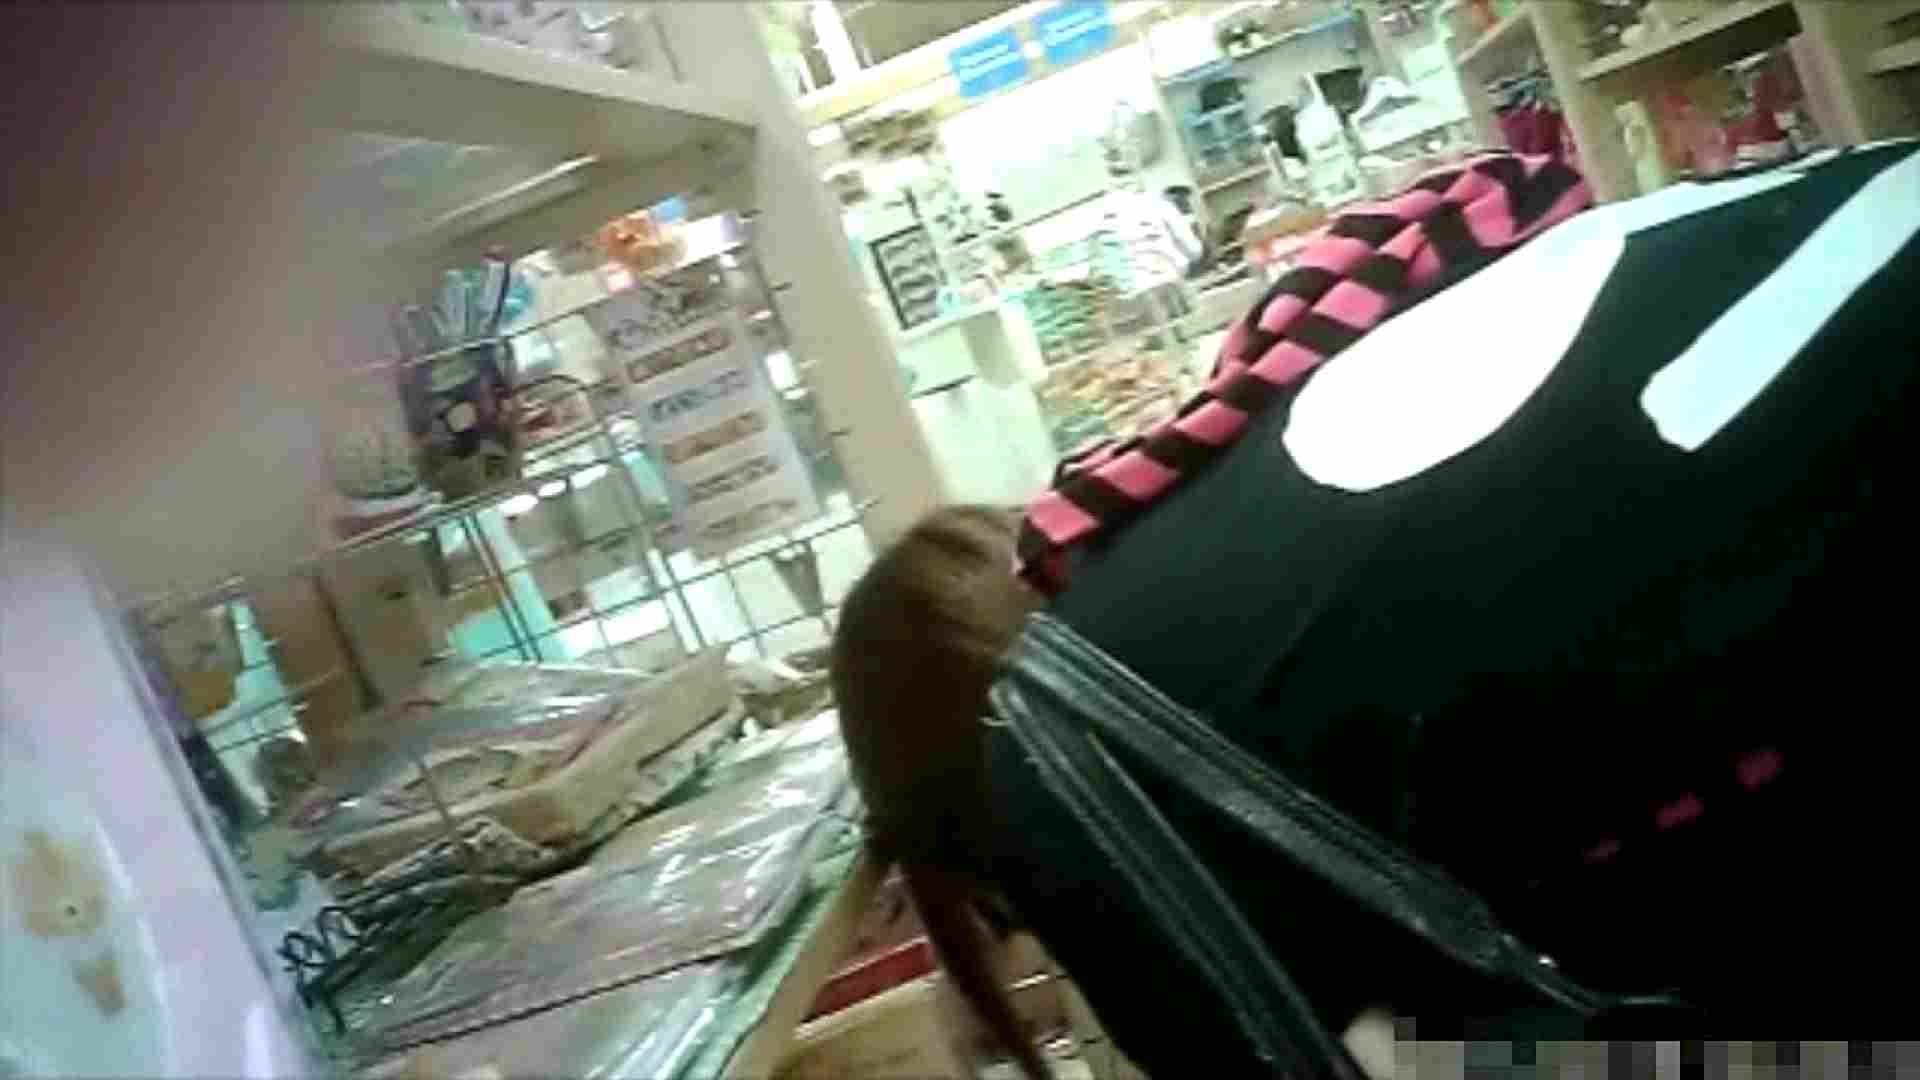 無修正おまんこ動画 NO.6 雑貨屋で買い物中のガーリーな女の子 怪盗ジョーカー